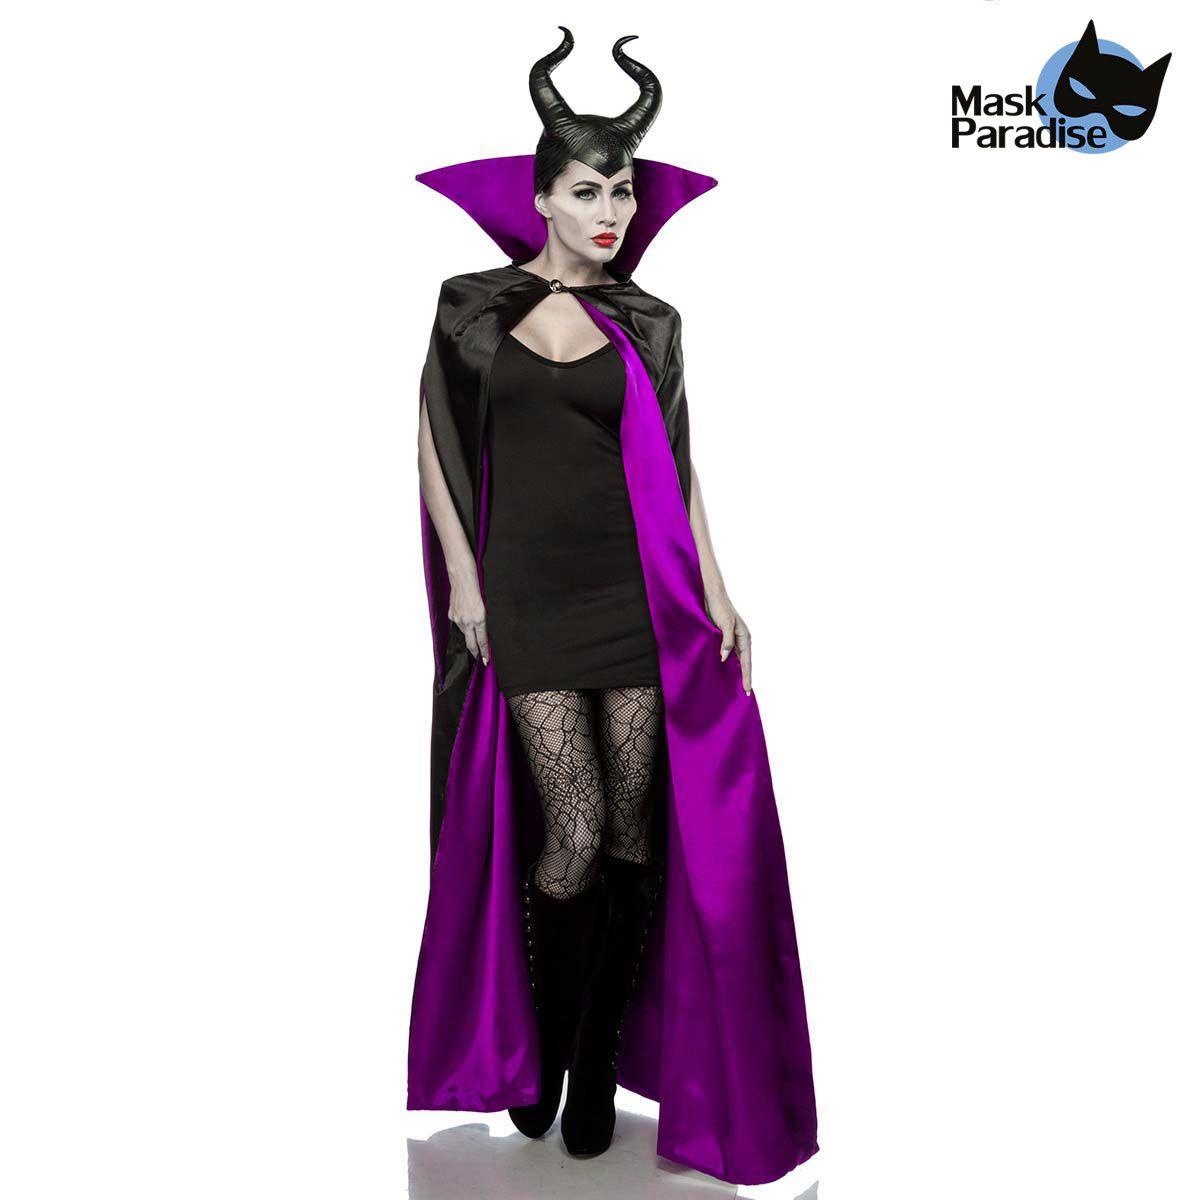 dunkle fee kostum mit hornermaske und umhang vm56 fw3 210 1280x1280